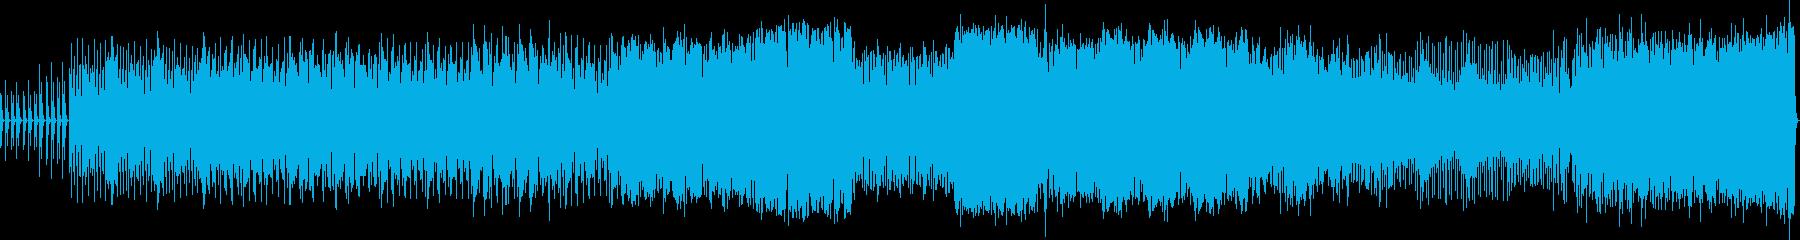 coolです かっこいいエレクトロの再生済みの波形